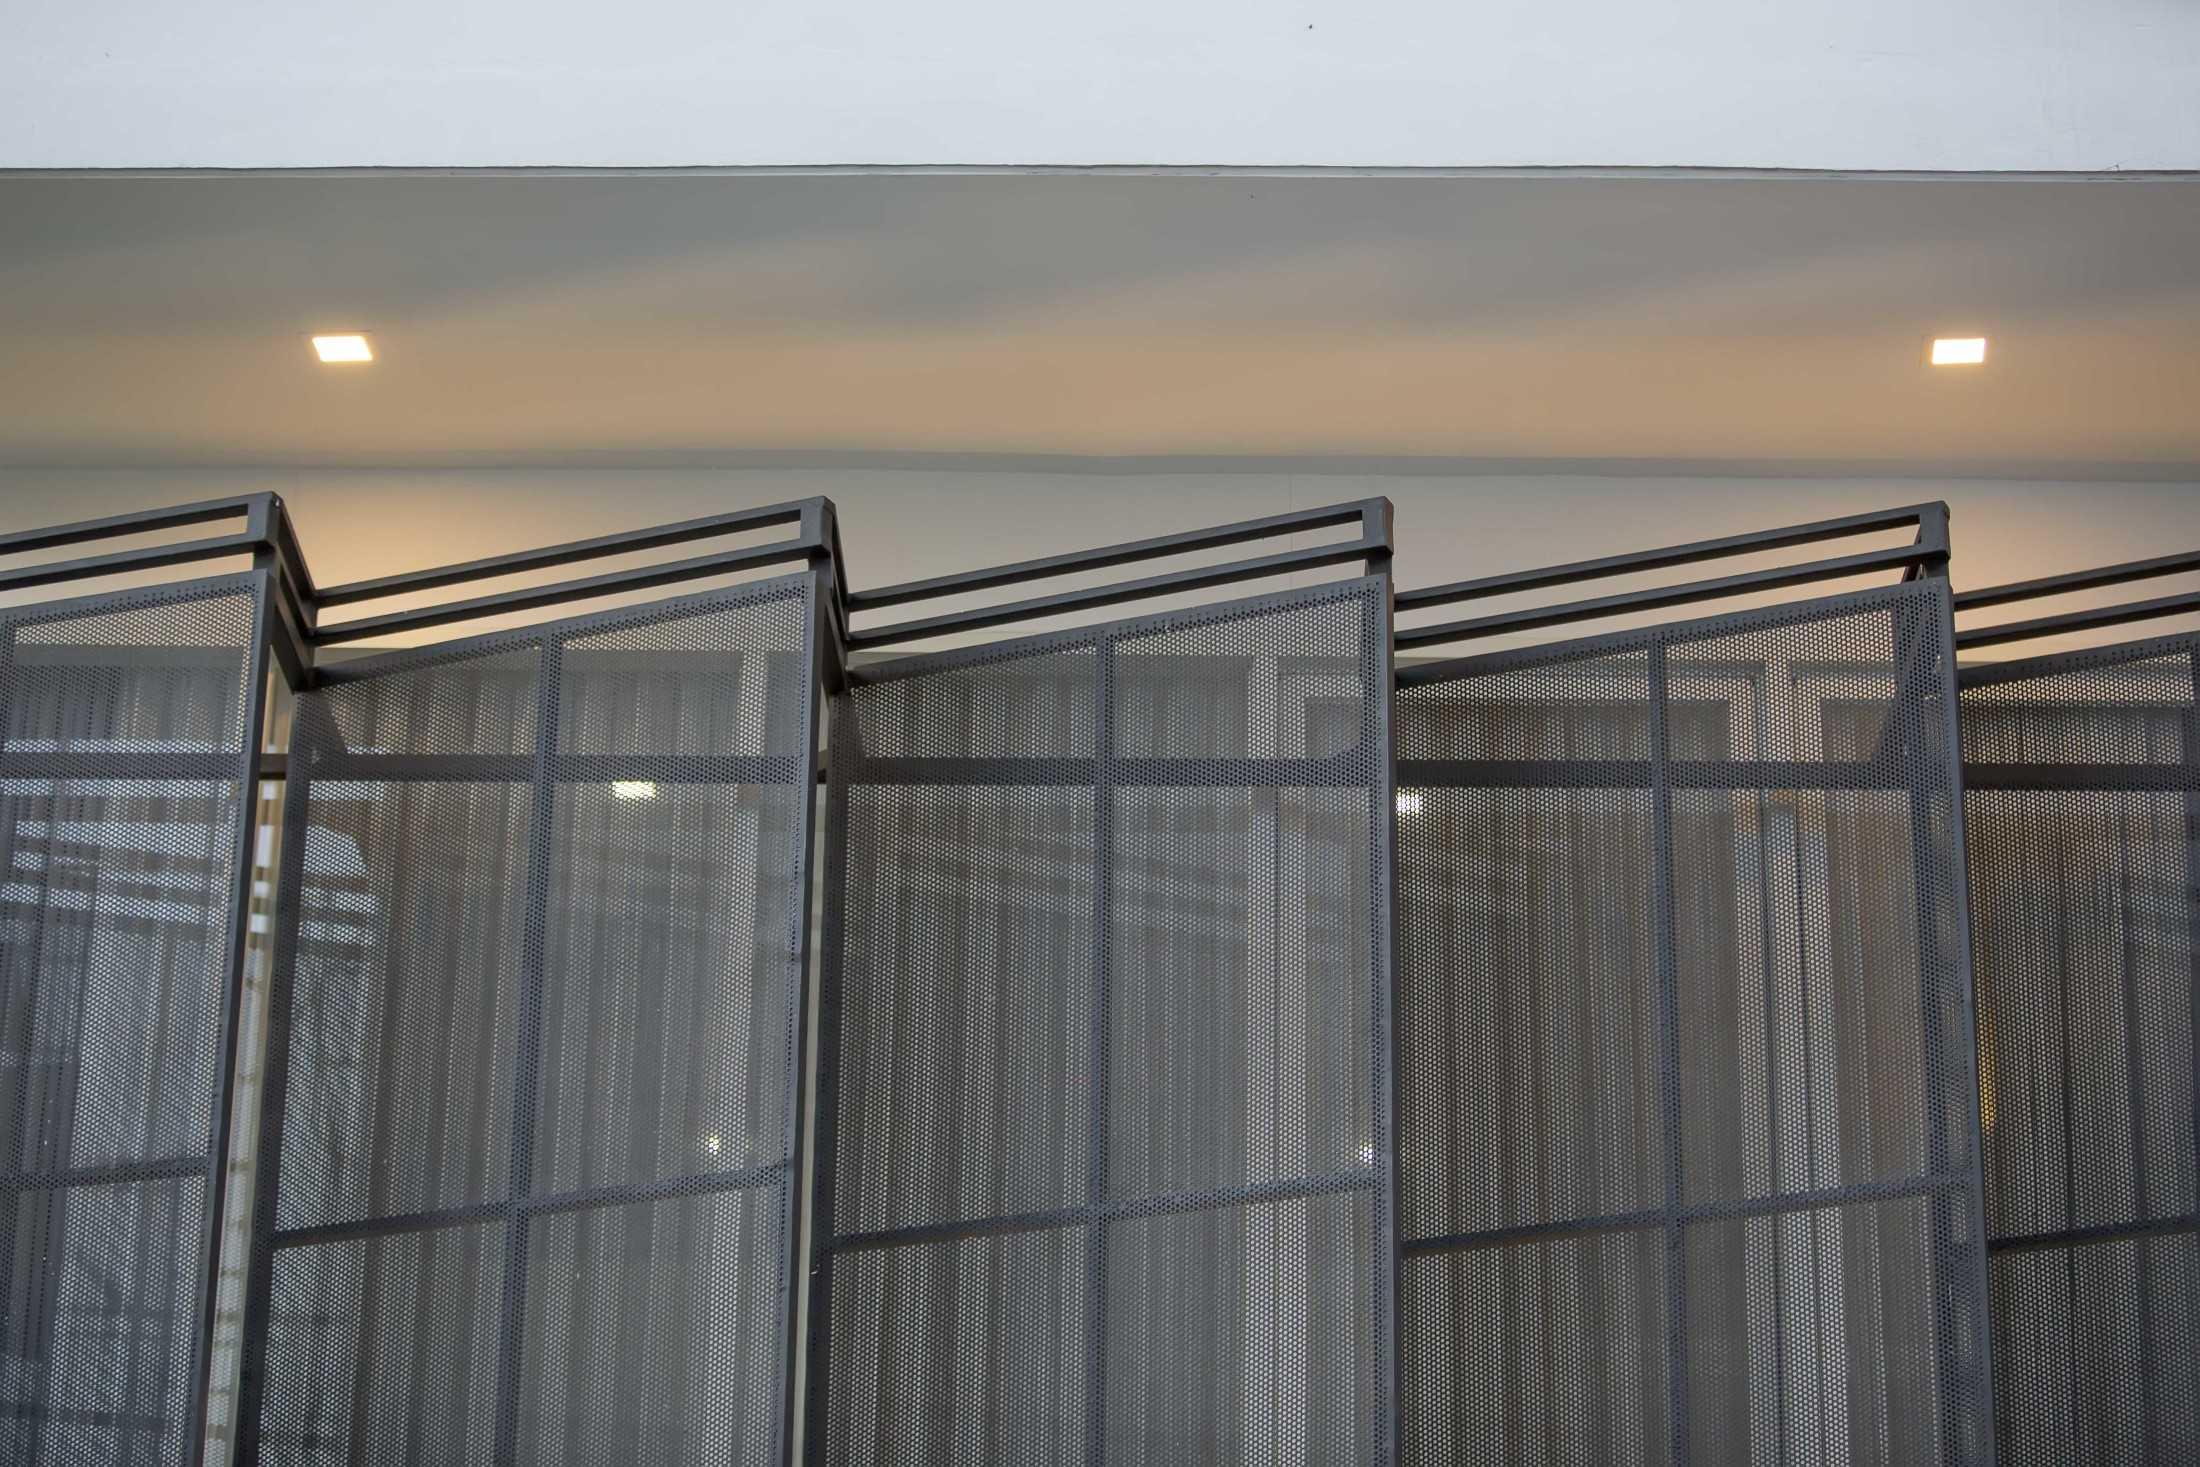 Spasia Rumah Tamanan Tamanan, Kec. Banguntapan, Bantul, Daerah Istimewa Yogyakarta, Indonesia Tamanan, Kec. Banguntapan, Bantul, Daerah Istimewa Yogyakarta, Indonesia Spasia-Rumah-Tamanan  129973